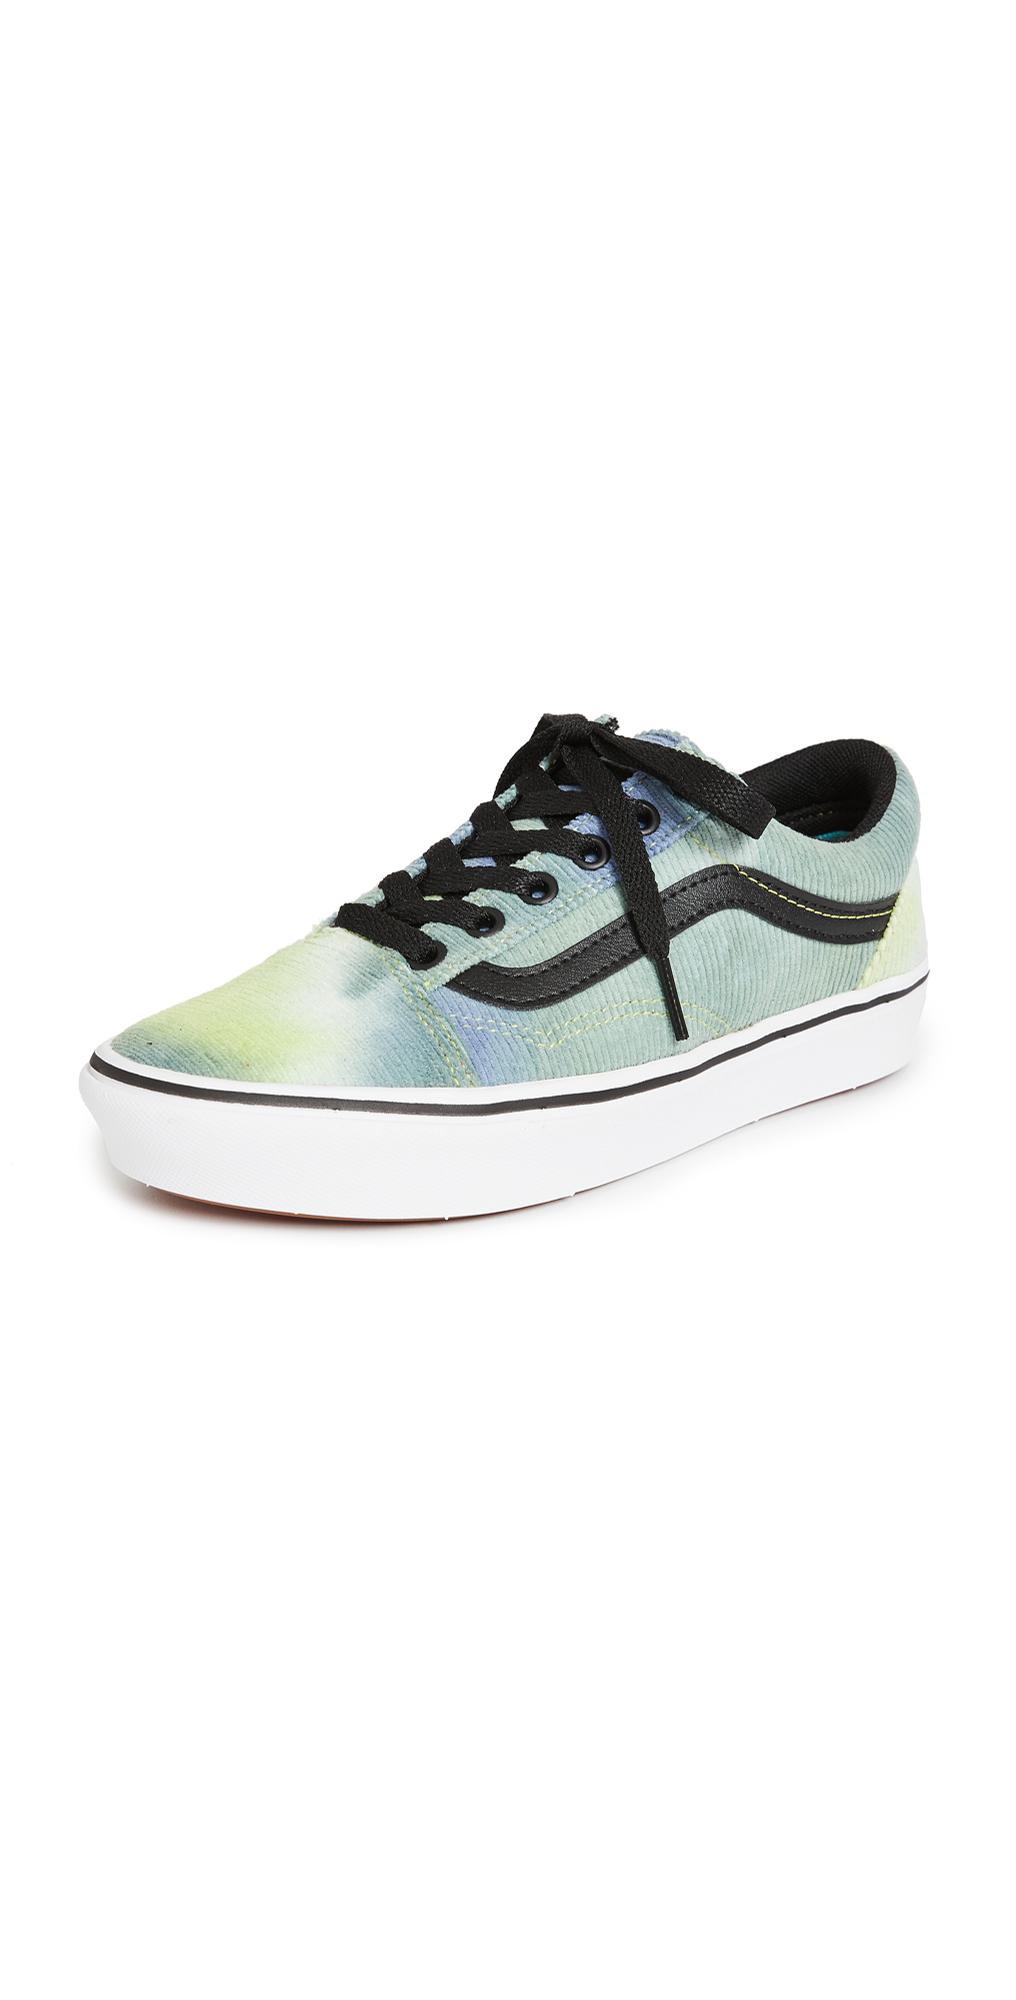 Vans UA Comfycush Old Skool Sneakers